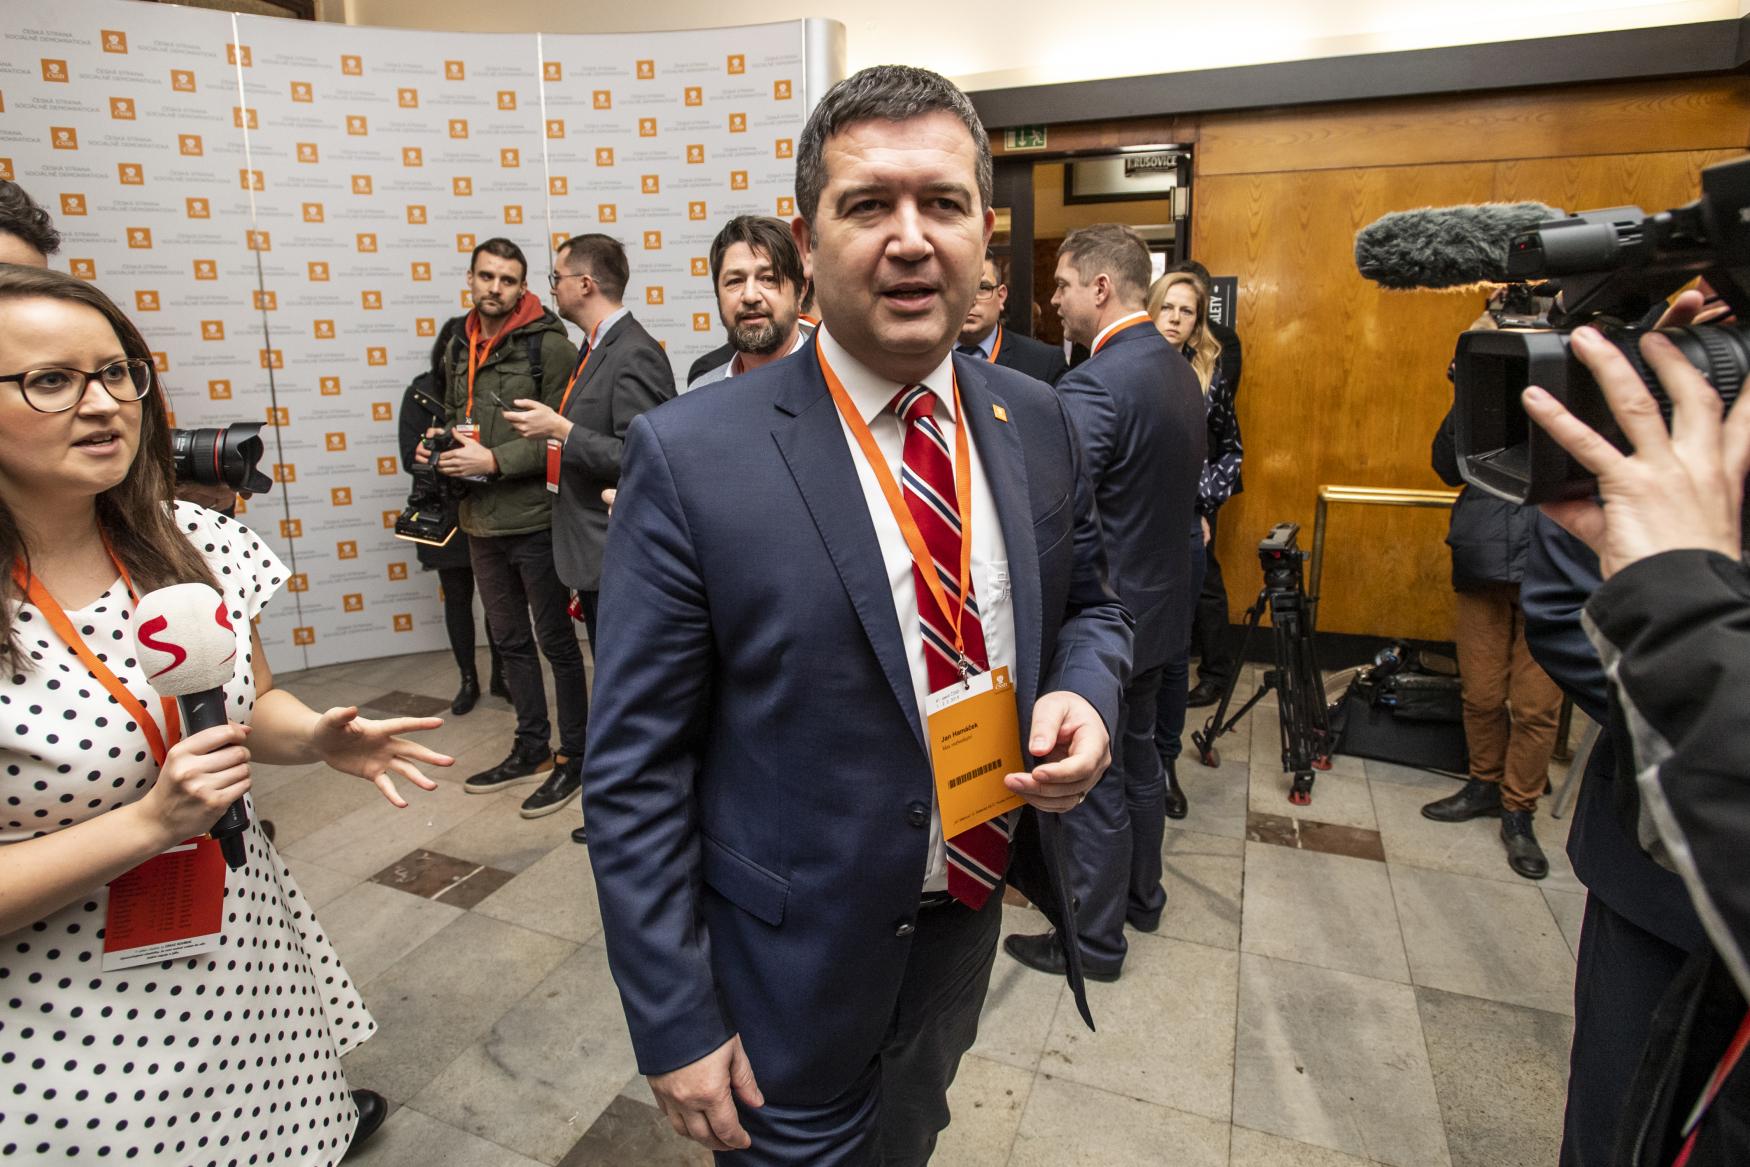 Předseda sociálních demokratů Jan Hamáček